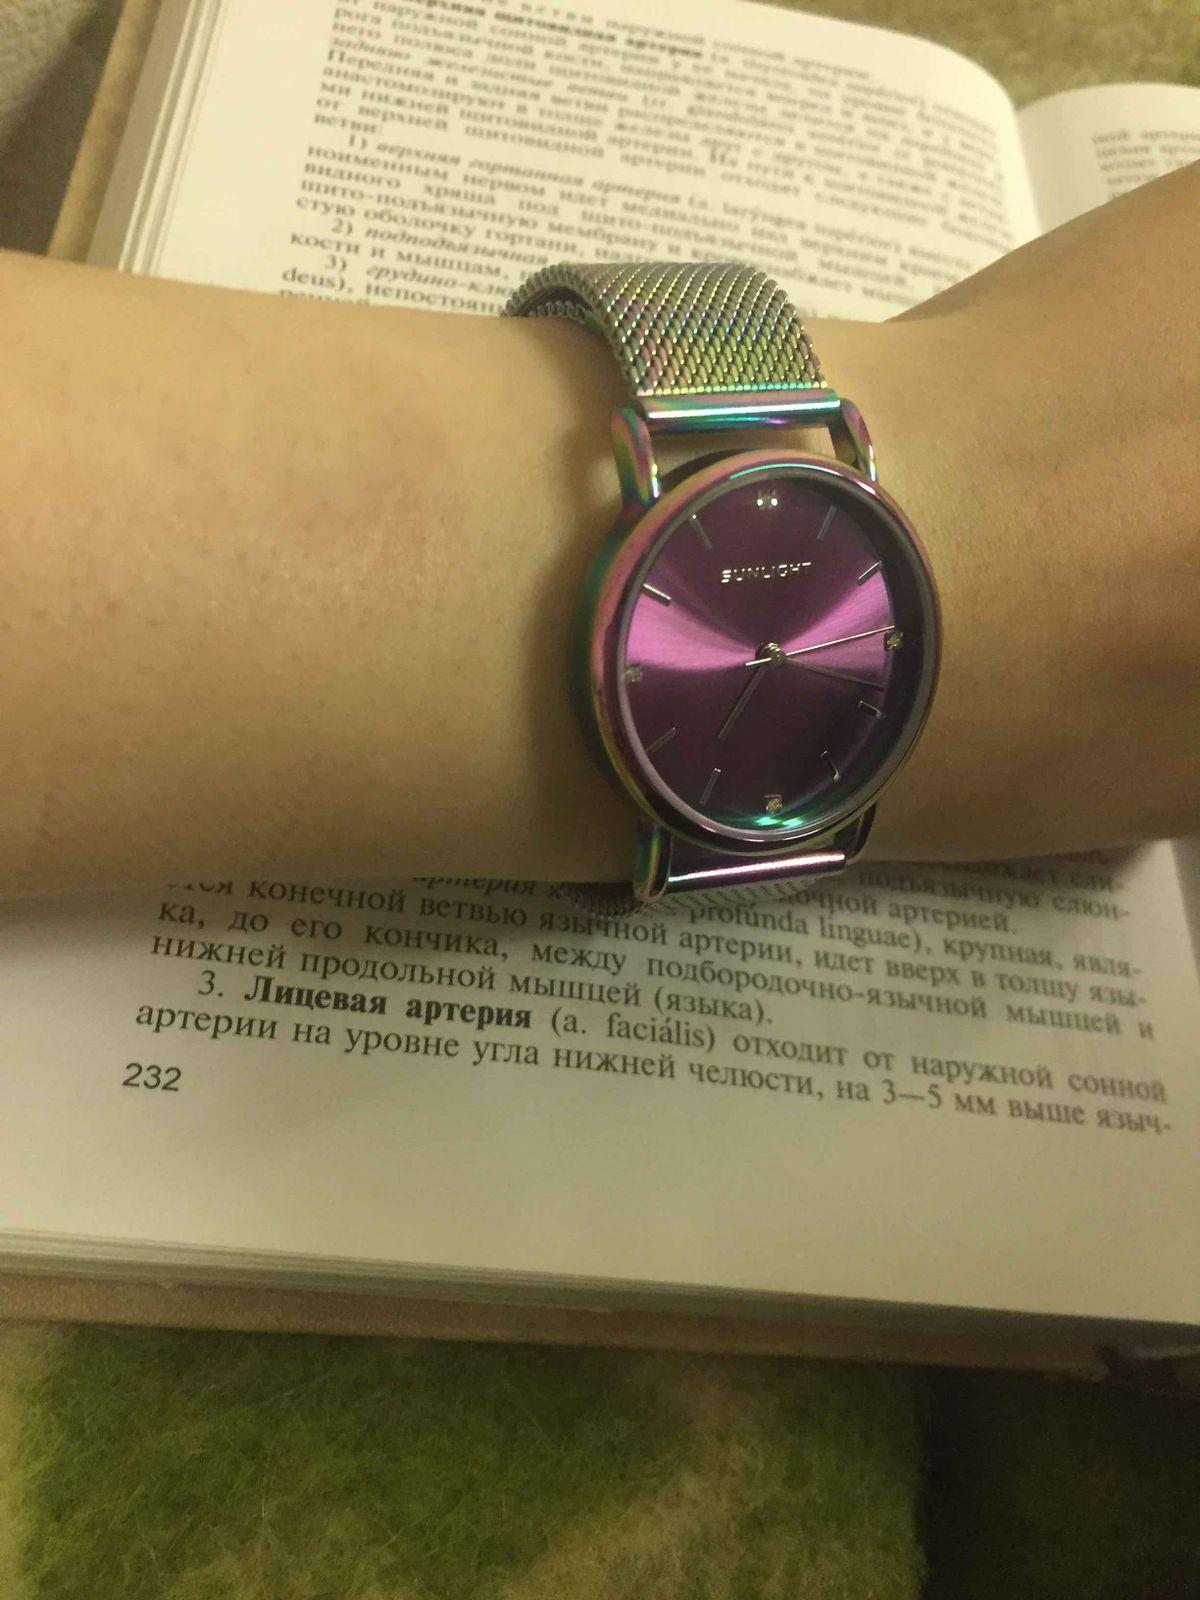 Очень крутые часы, купила себе и ни капли не пожалела!